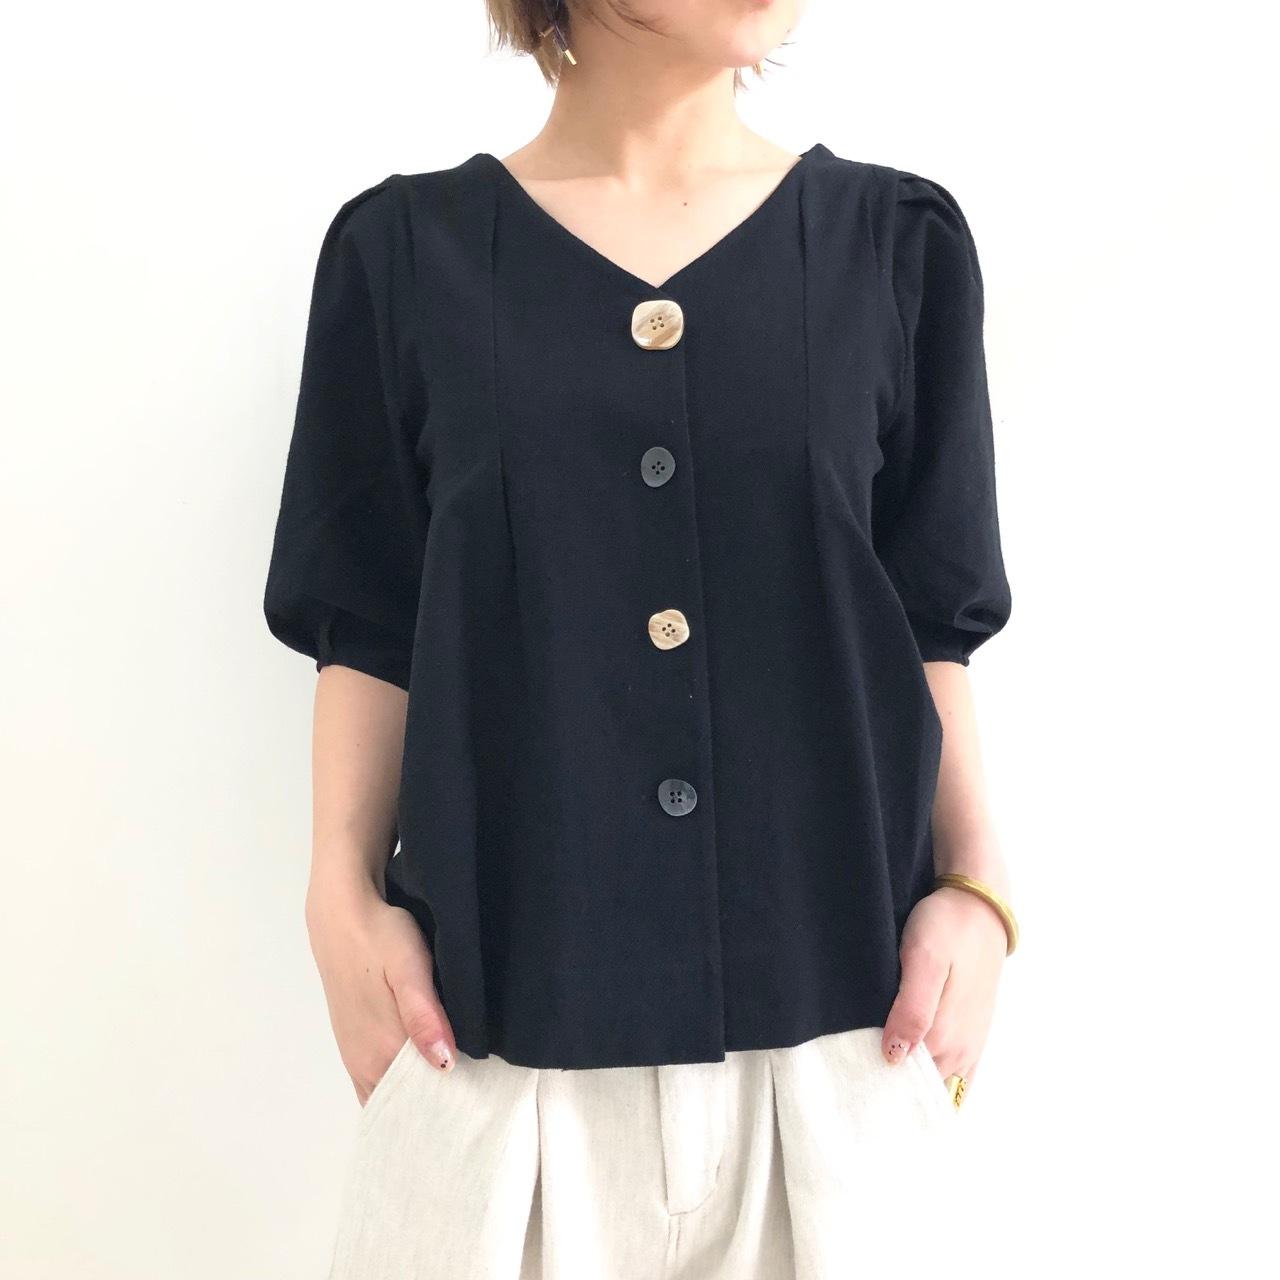 【 ROSIEE 】ボタンシャツ